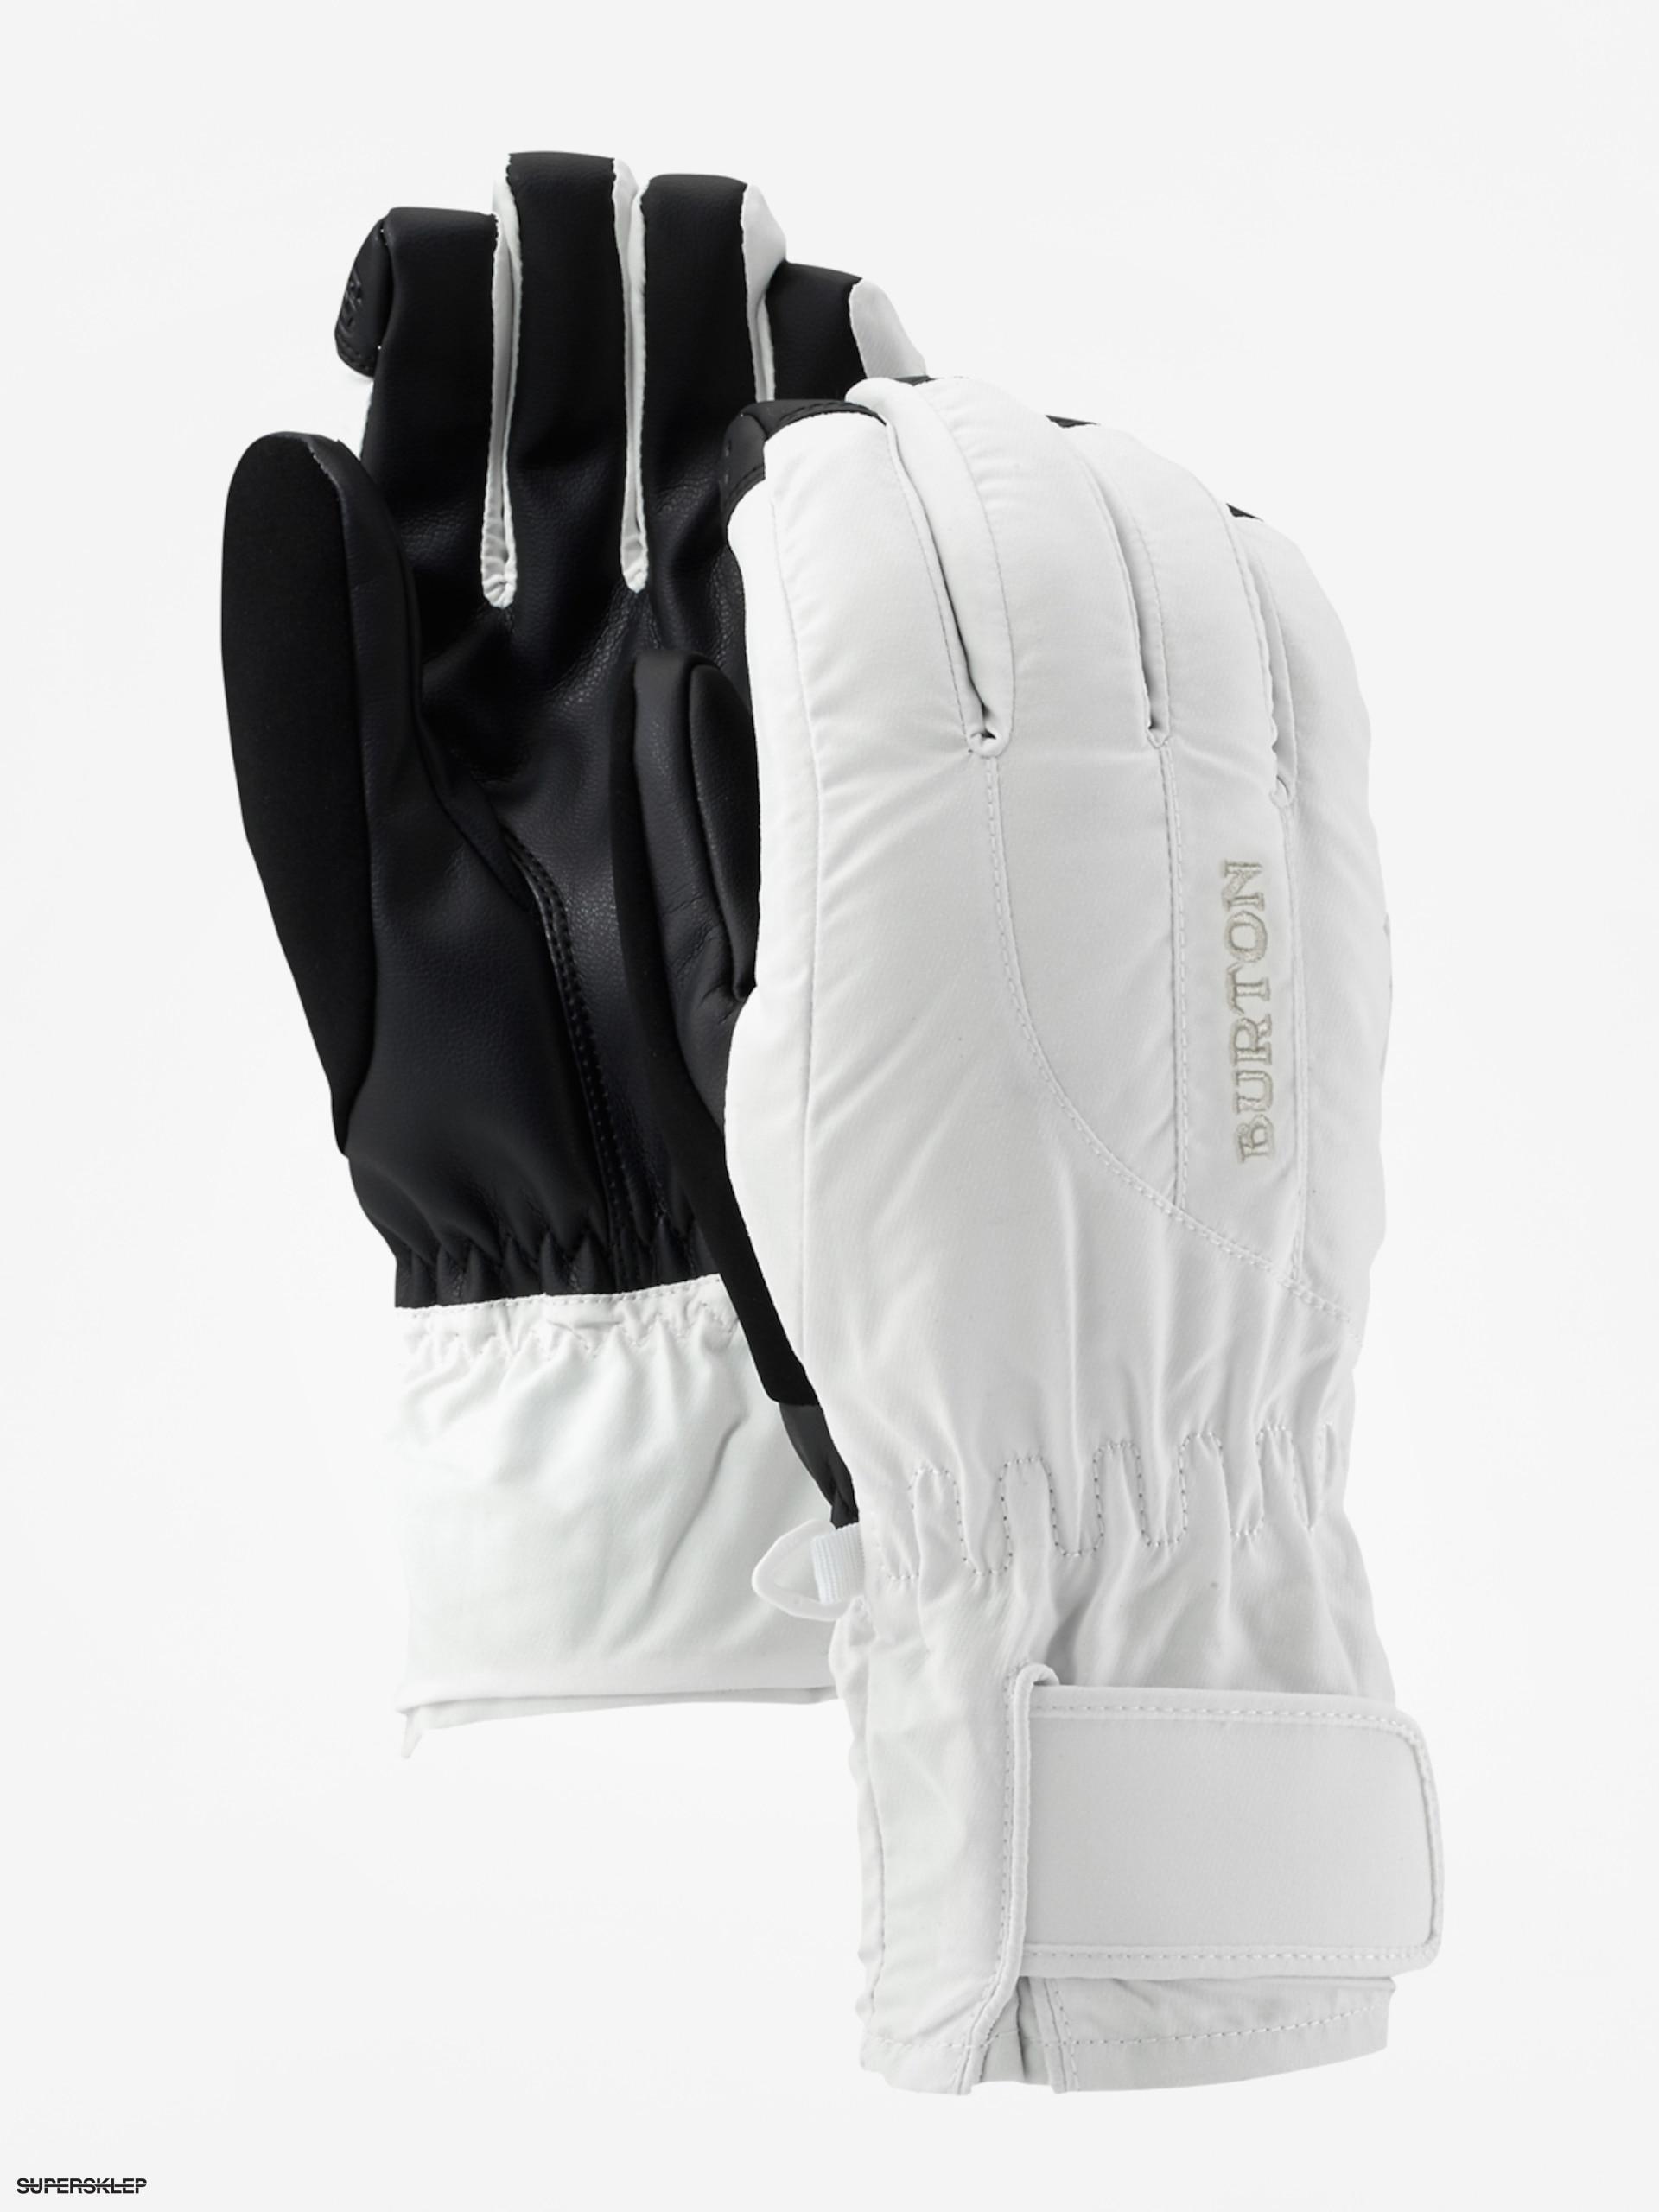 46952fb0e2 Rukavice Burton Profile Undgl Wmn (stout white)